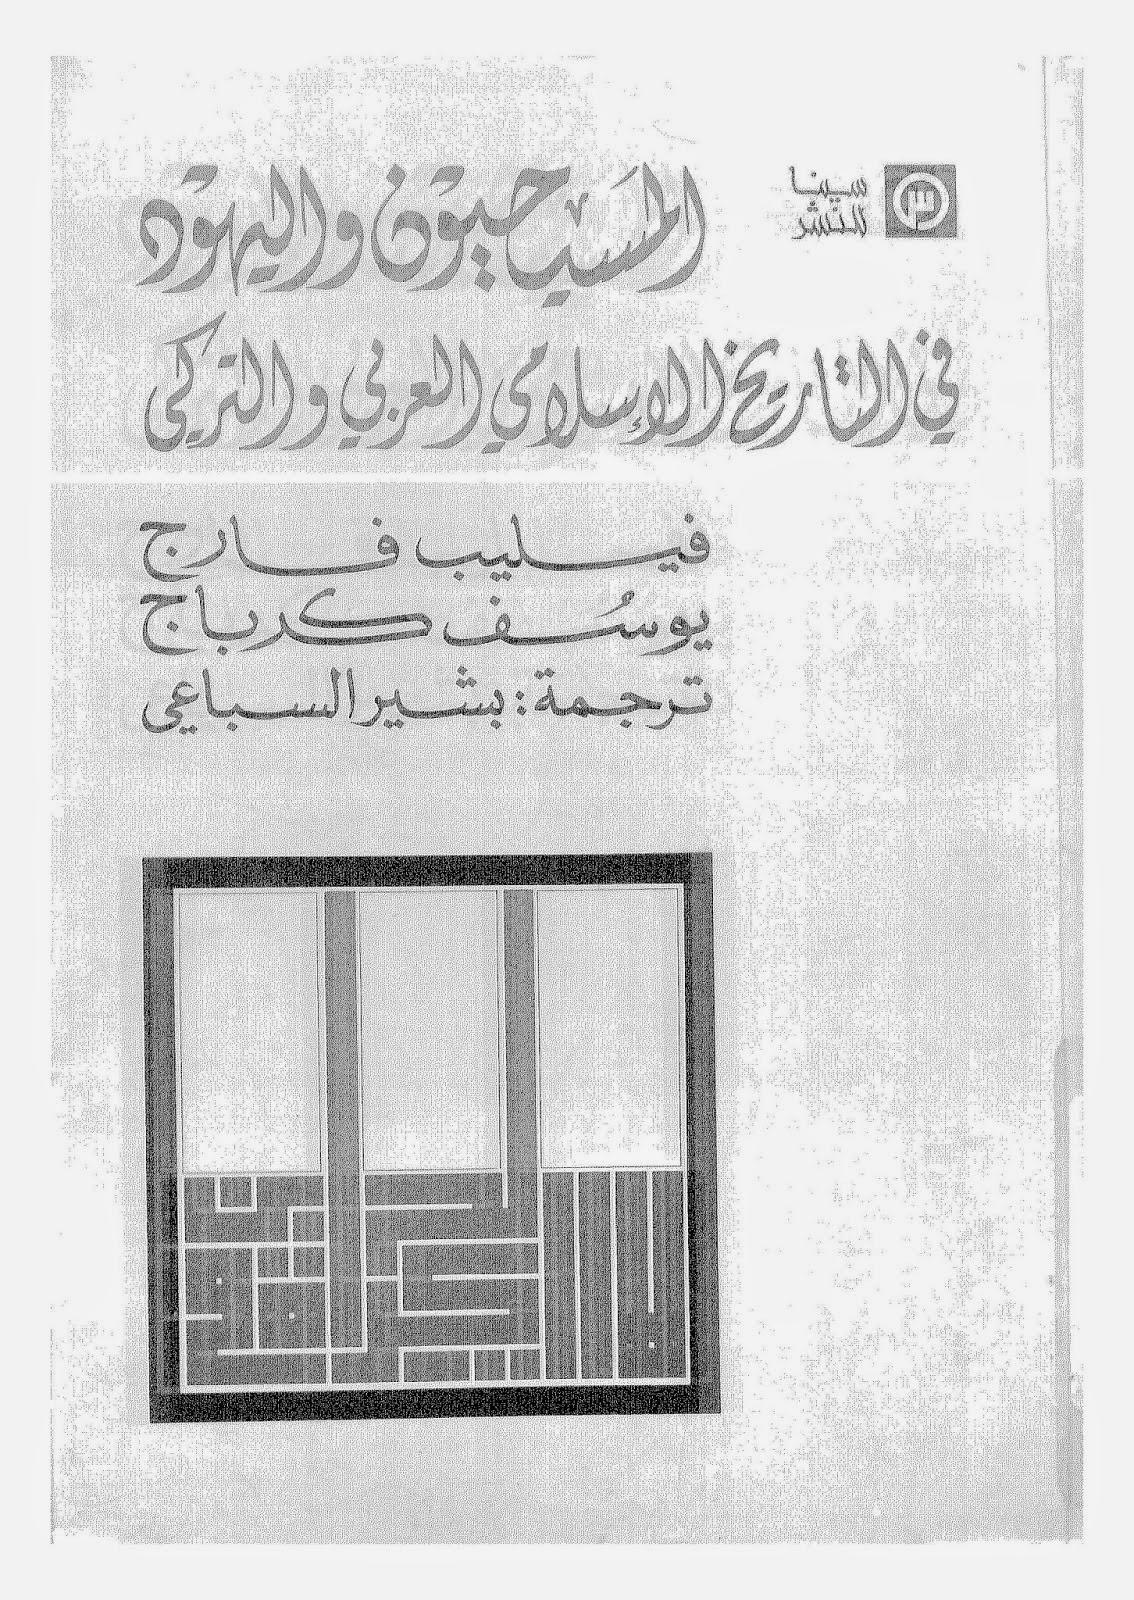 المسيحيون واليهود في التاريخ العربي الإسلامي والتركي لـ فيليب فارج و يوسف كرباج